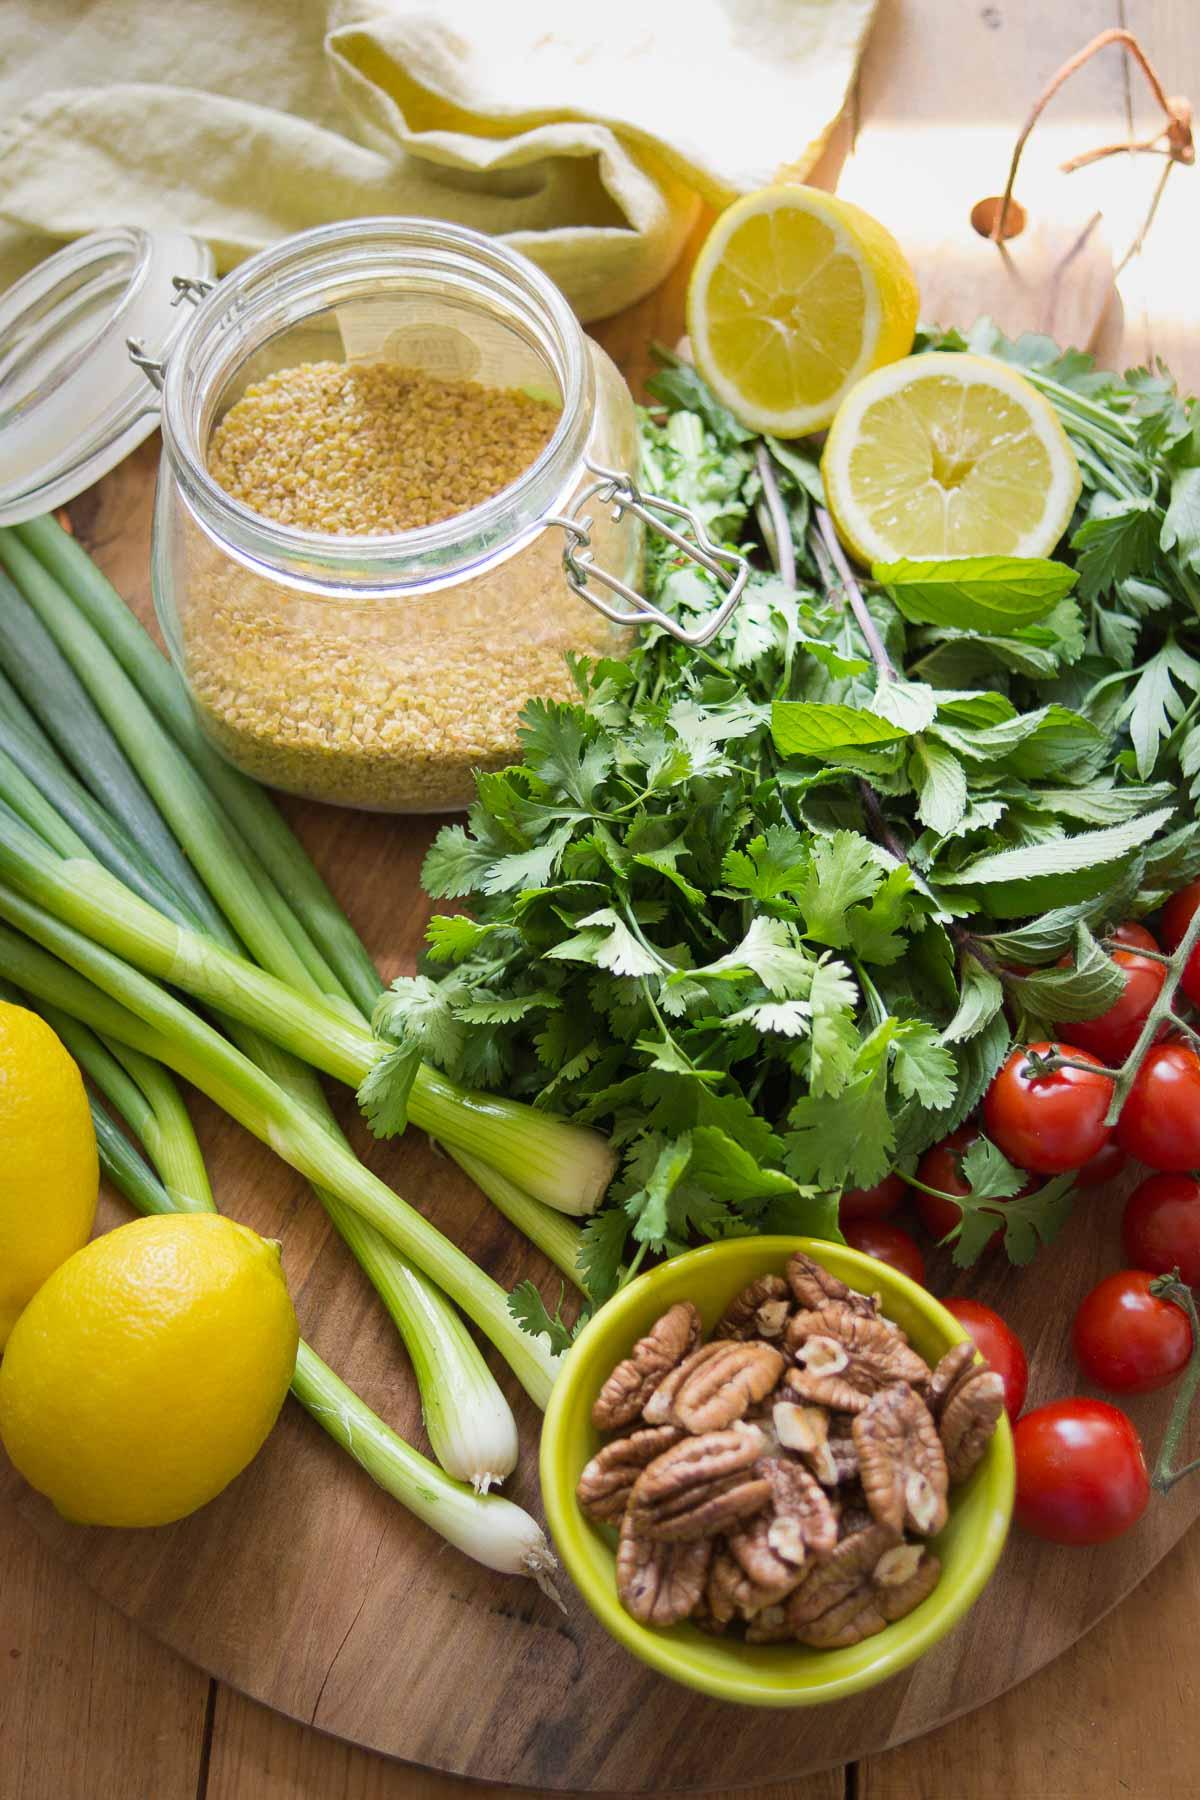 Zutaten für Bulgur-Salat mit frischen Kräutern und Zitrone